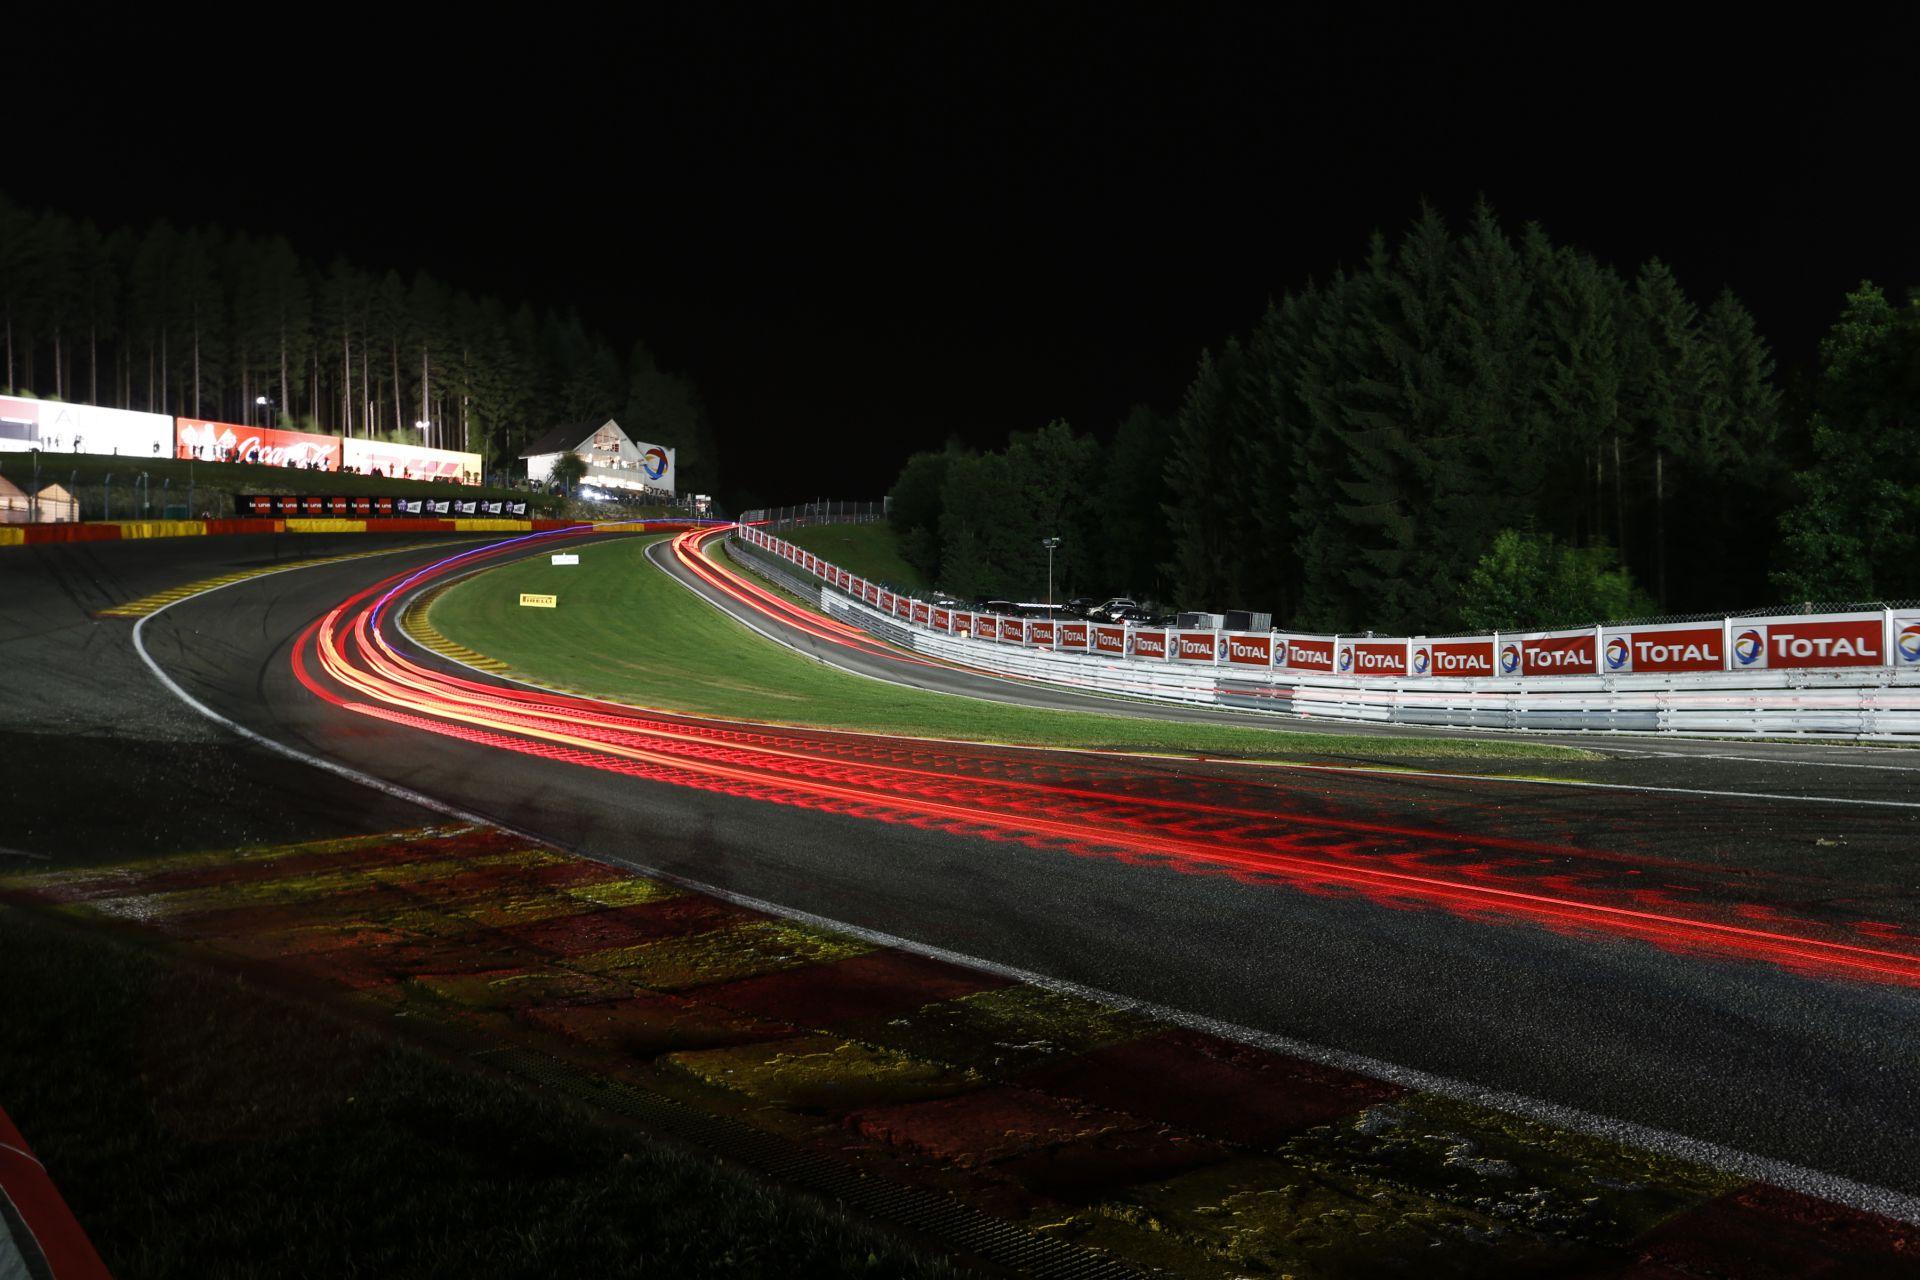 Vége a nagy várakozásnak, a Forma-1 visszatér: Eddig uralkodott a Mercedes? Jöhetnek az újabb Ferrari-győzelmek?